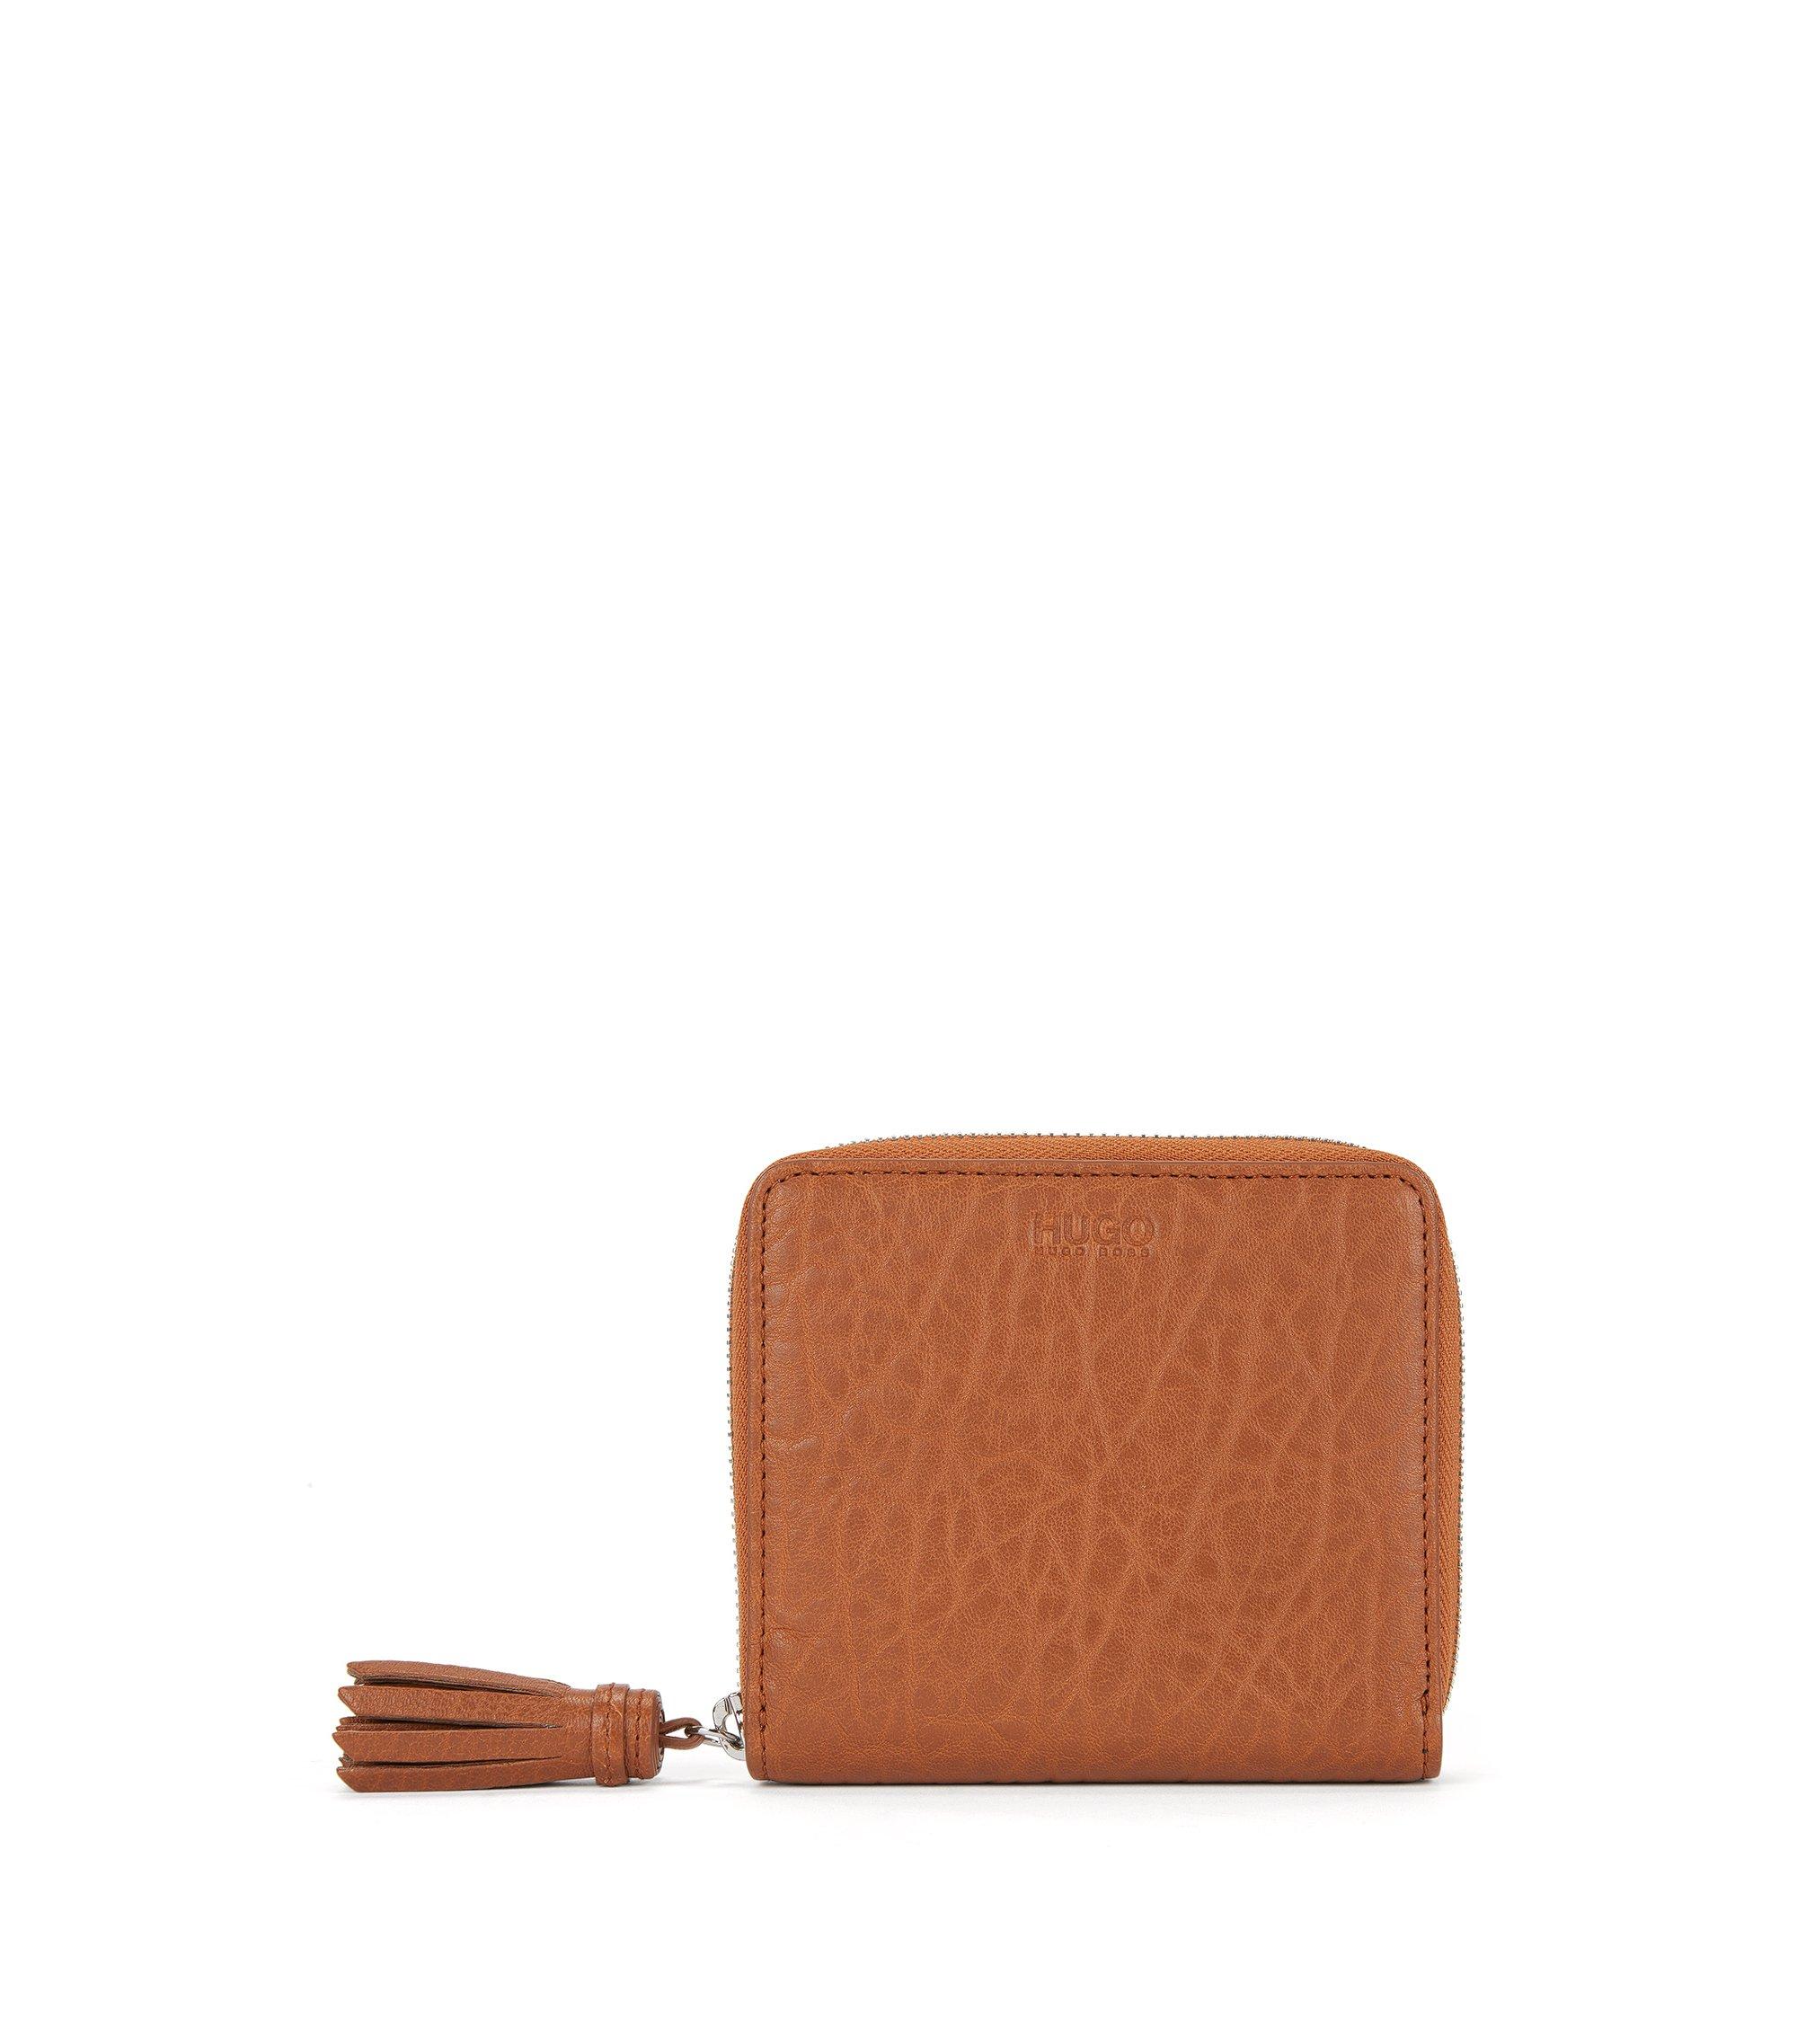 Geldbörse aus Leder mit Reißverschluss und Quaste, Dunkelorange